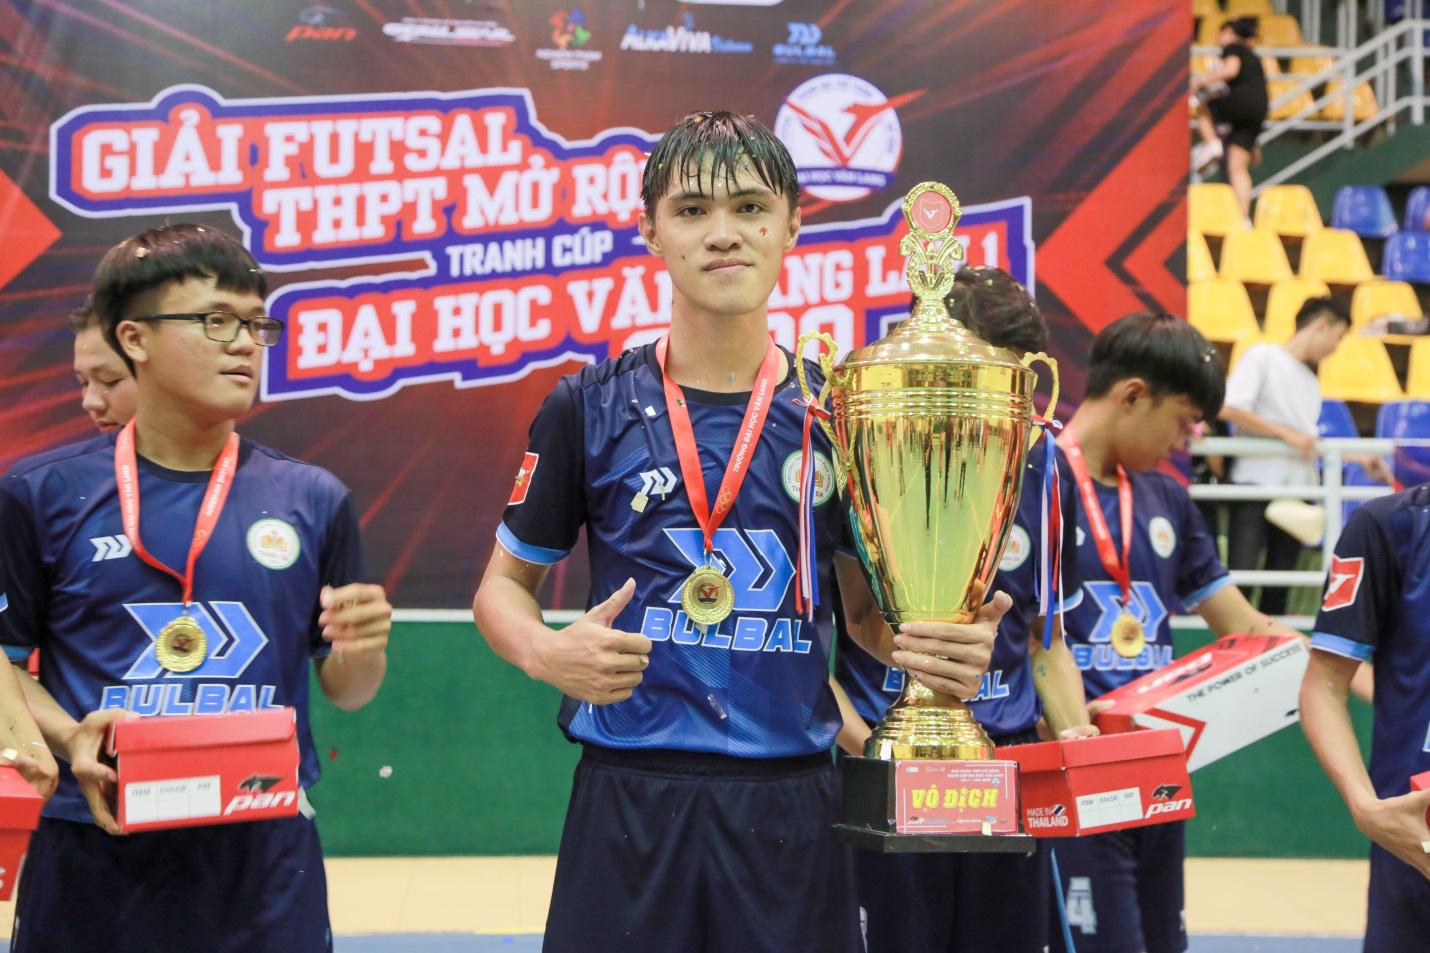 THPT Thanh Đa vô địch Giải Futsal học sinh THPT mở rộng tranh cúp ĐH Văn Lang năm 2020 - Ảnh 2.